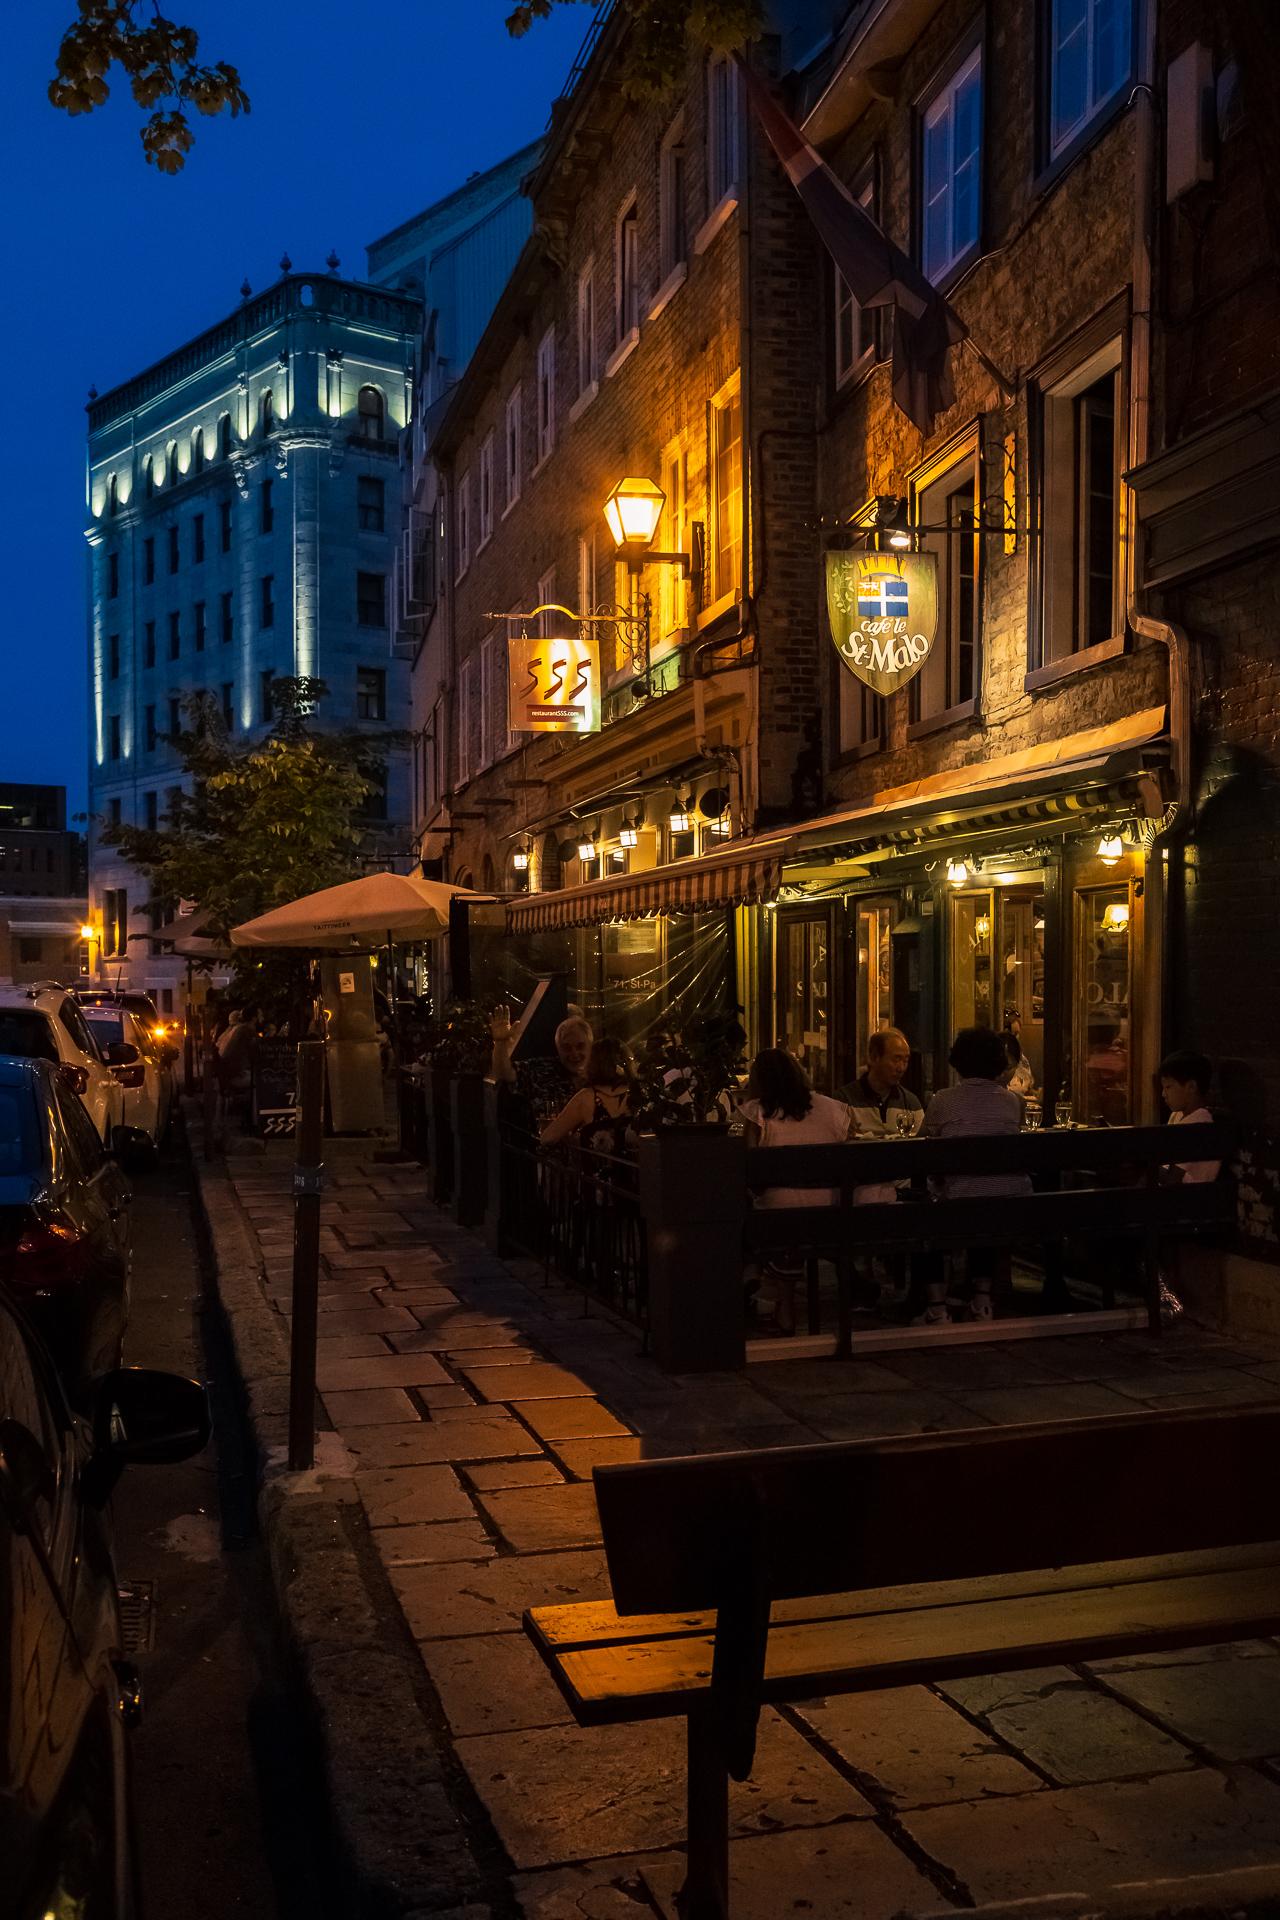 QuebecCity2018BlogExport-06459.jpg